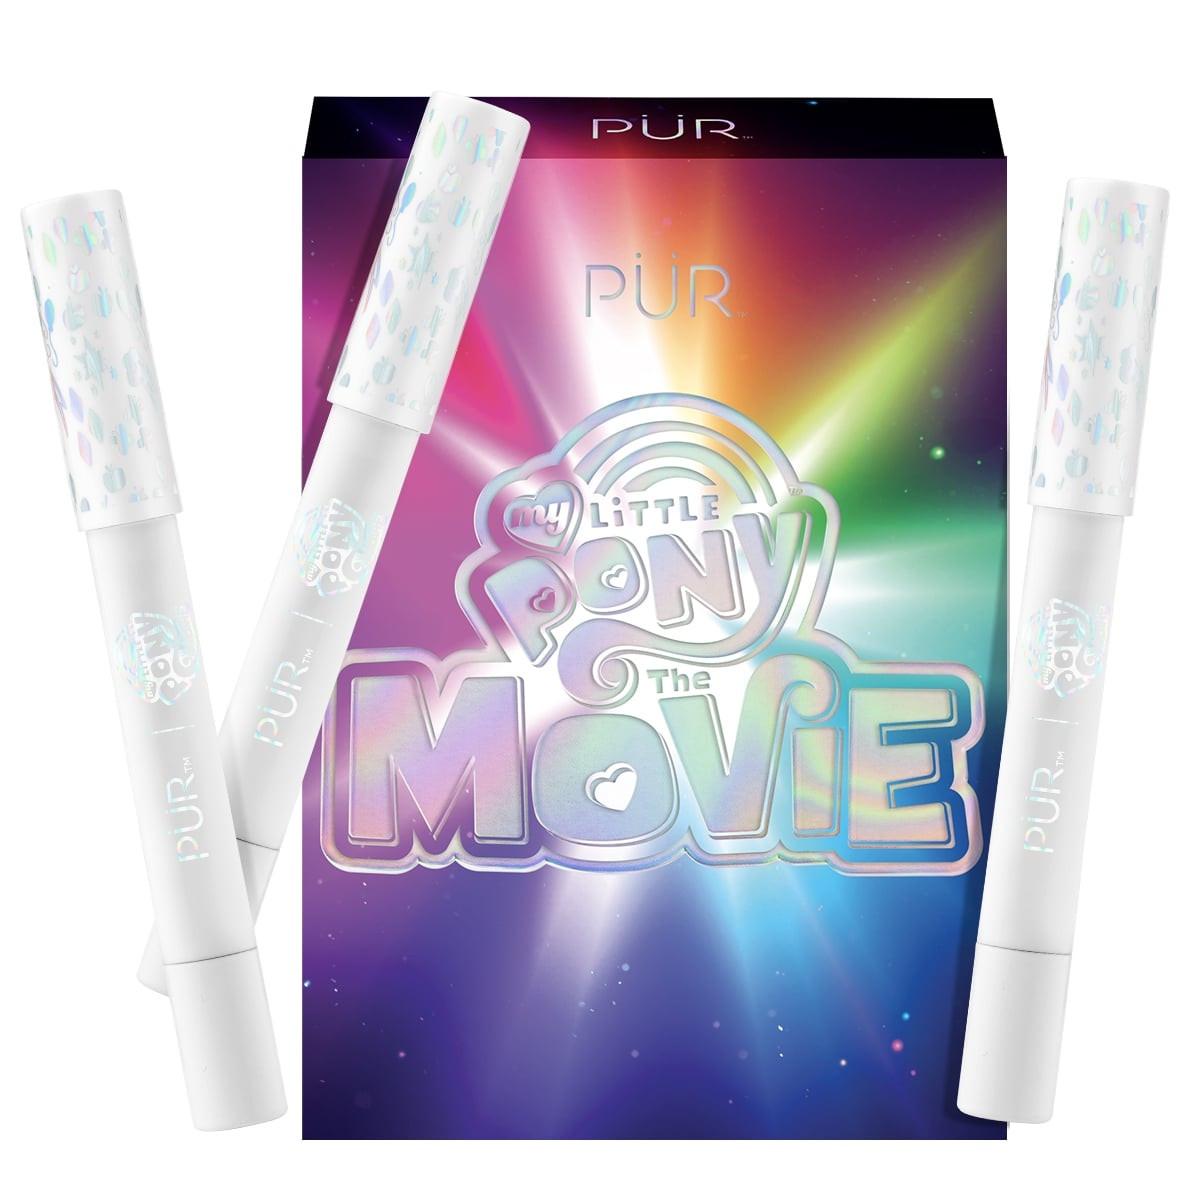 My Little Pony: The Movie 3-Piece Glow Stick Kit